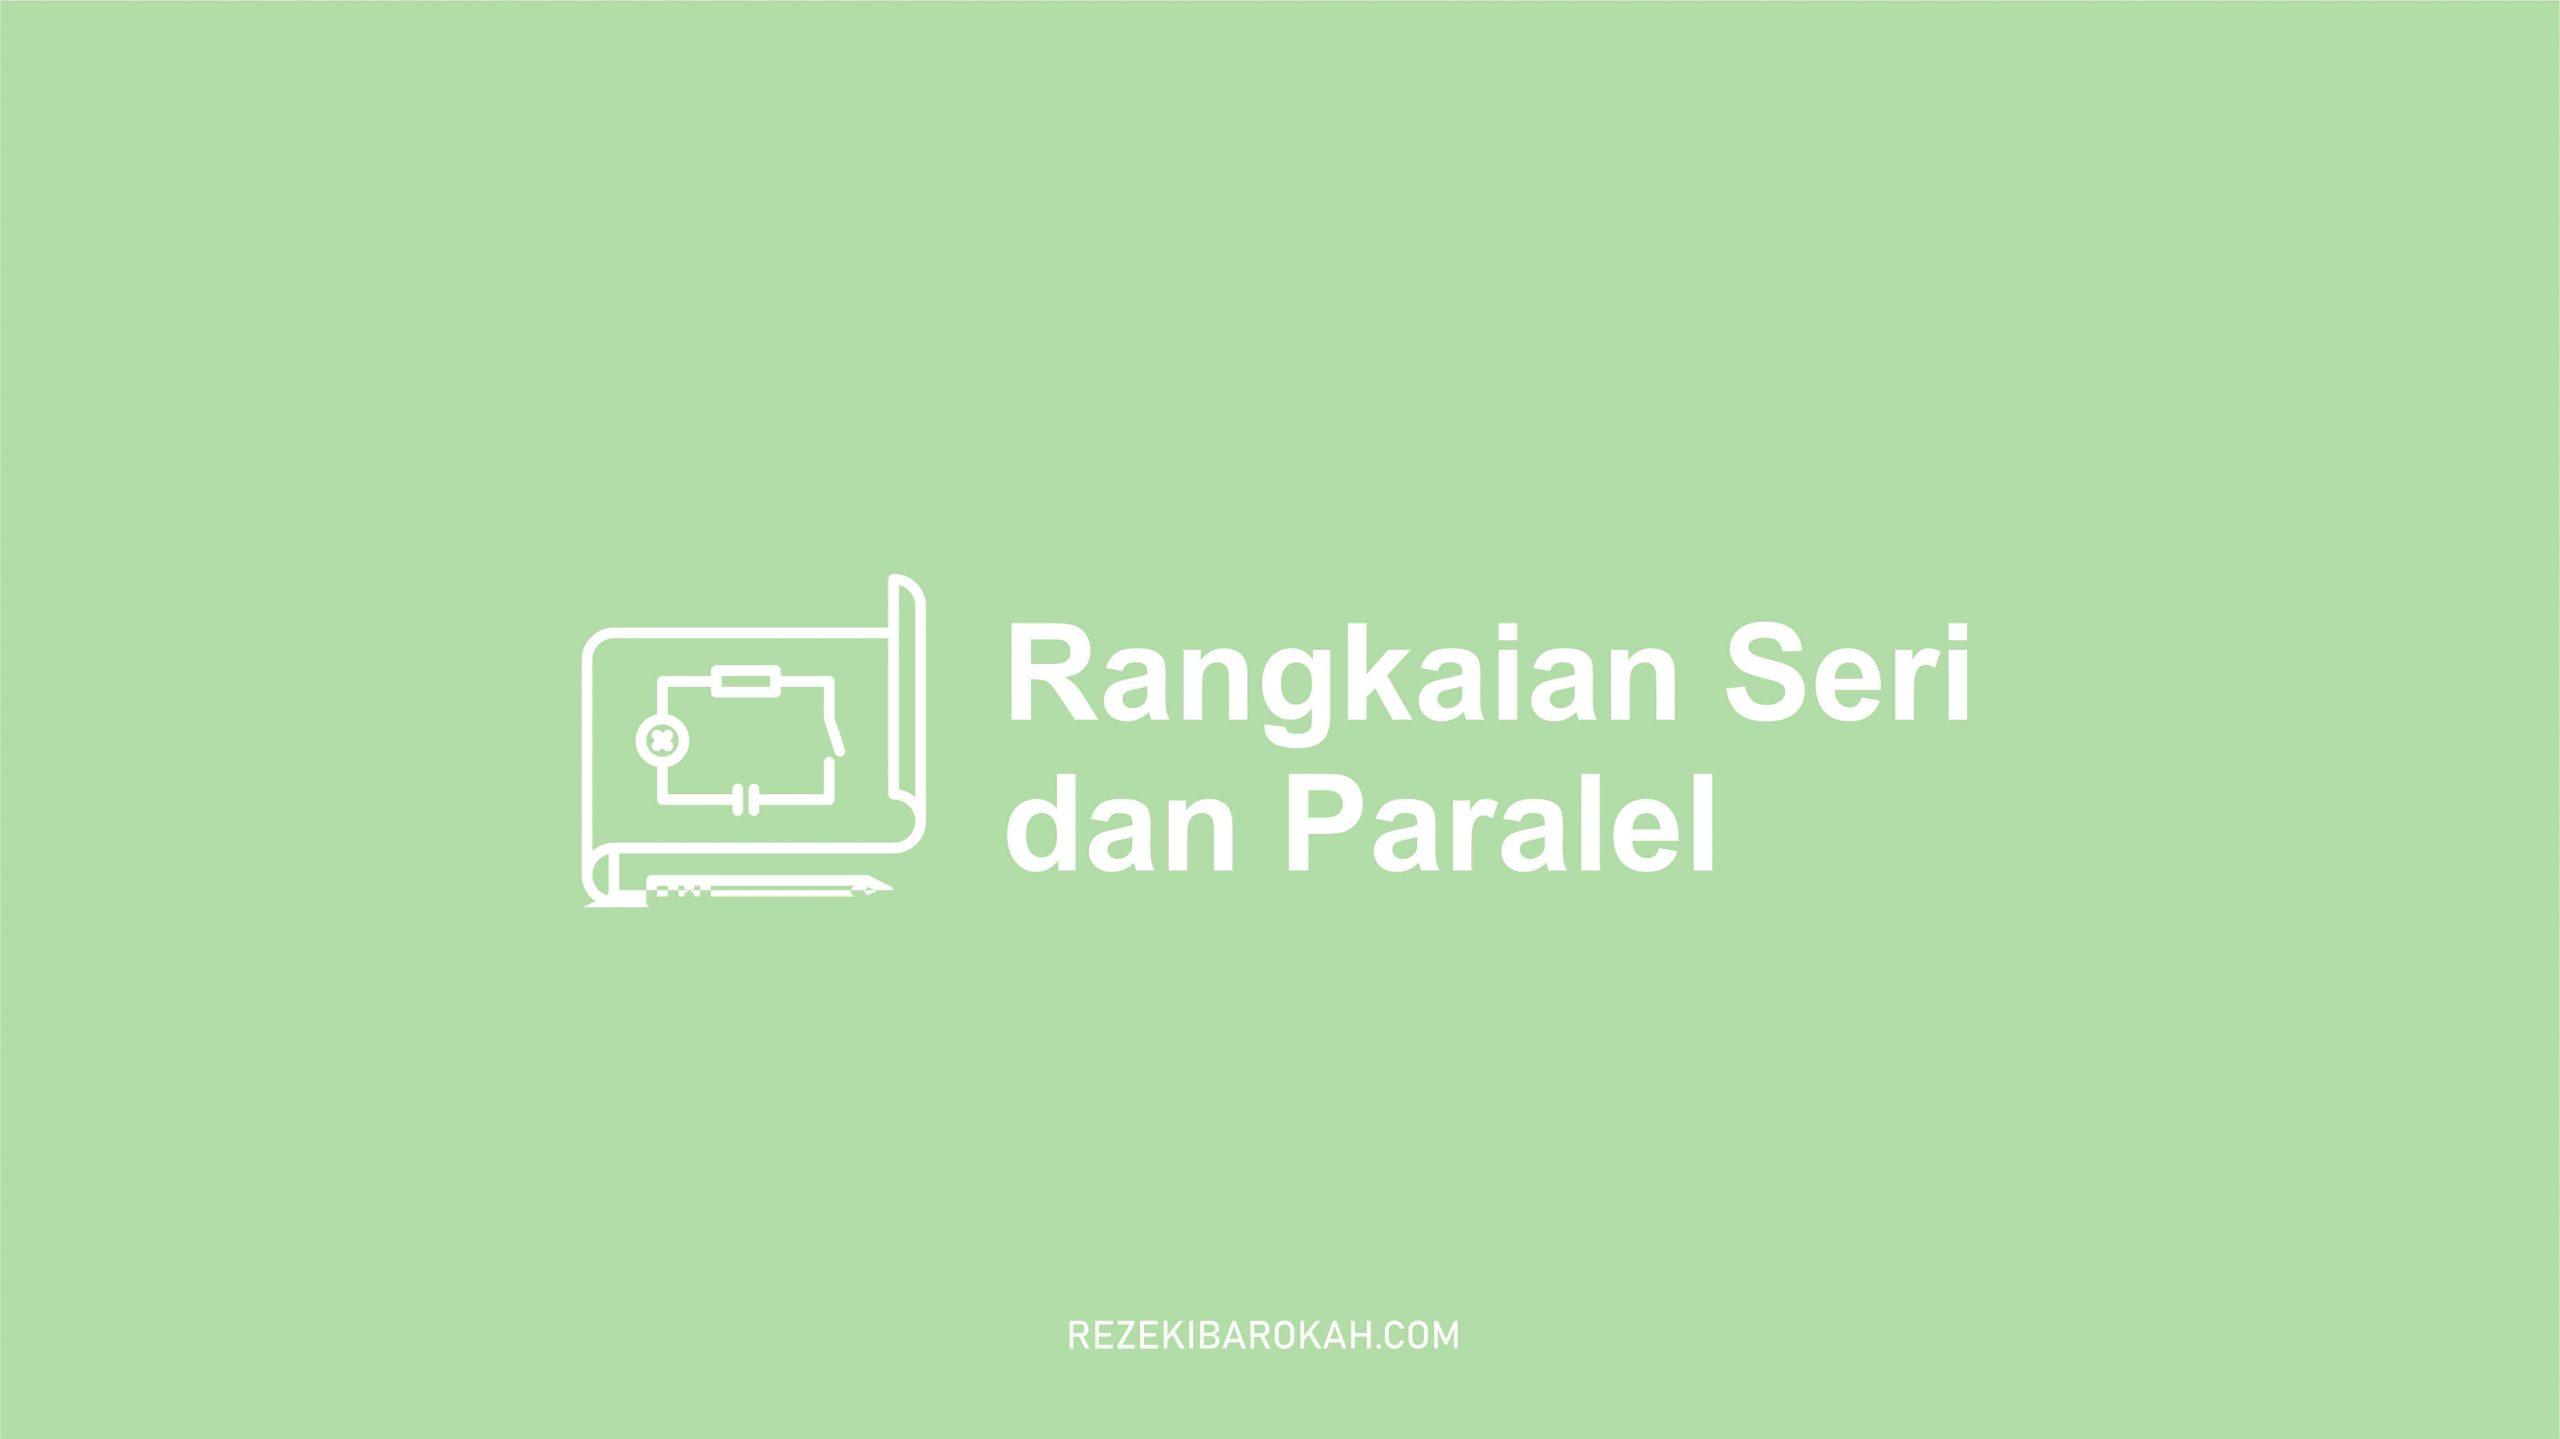 ciri ciri rangkaian seri dan paralel